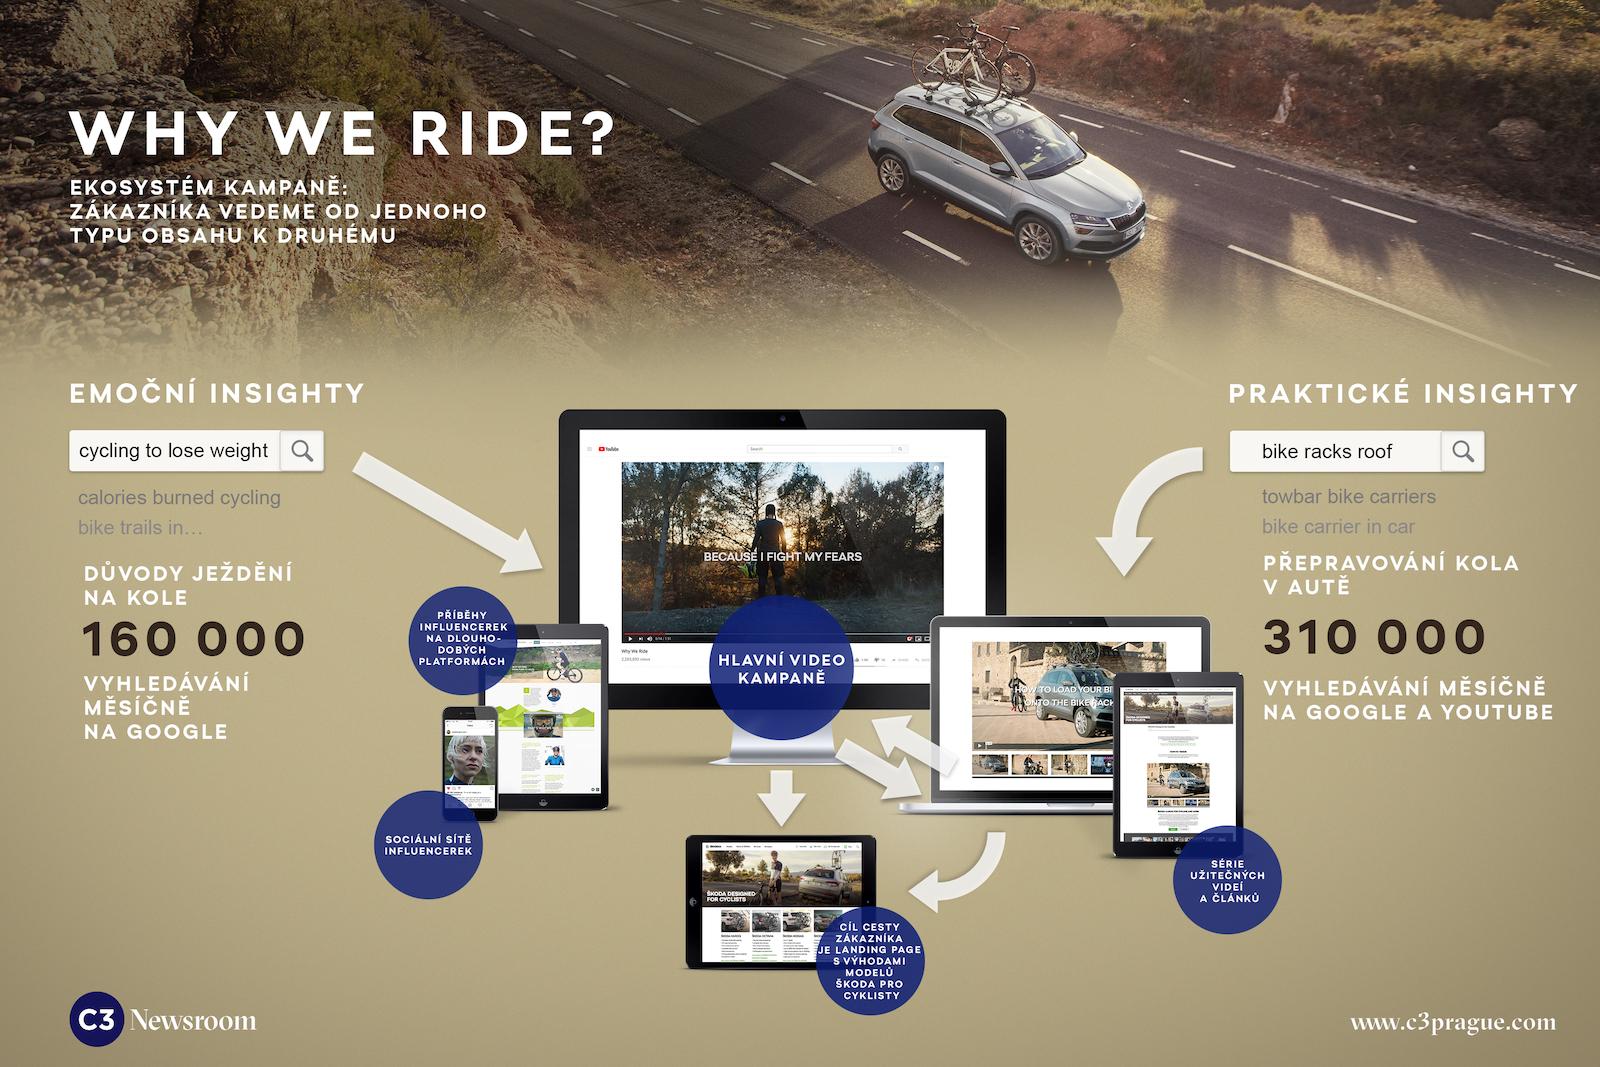 Náčrt ekosystému kampaně Why We Ride pro značku Škoda s vyznačenými uživatelskými cestami a insighty, z nichž vycházely jednotlivé typy obsahu